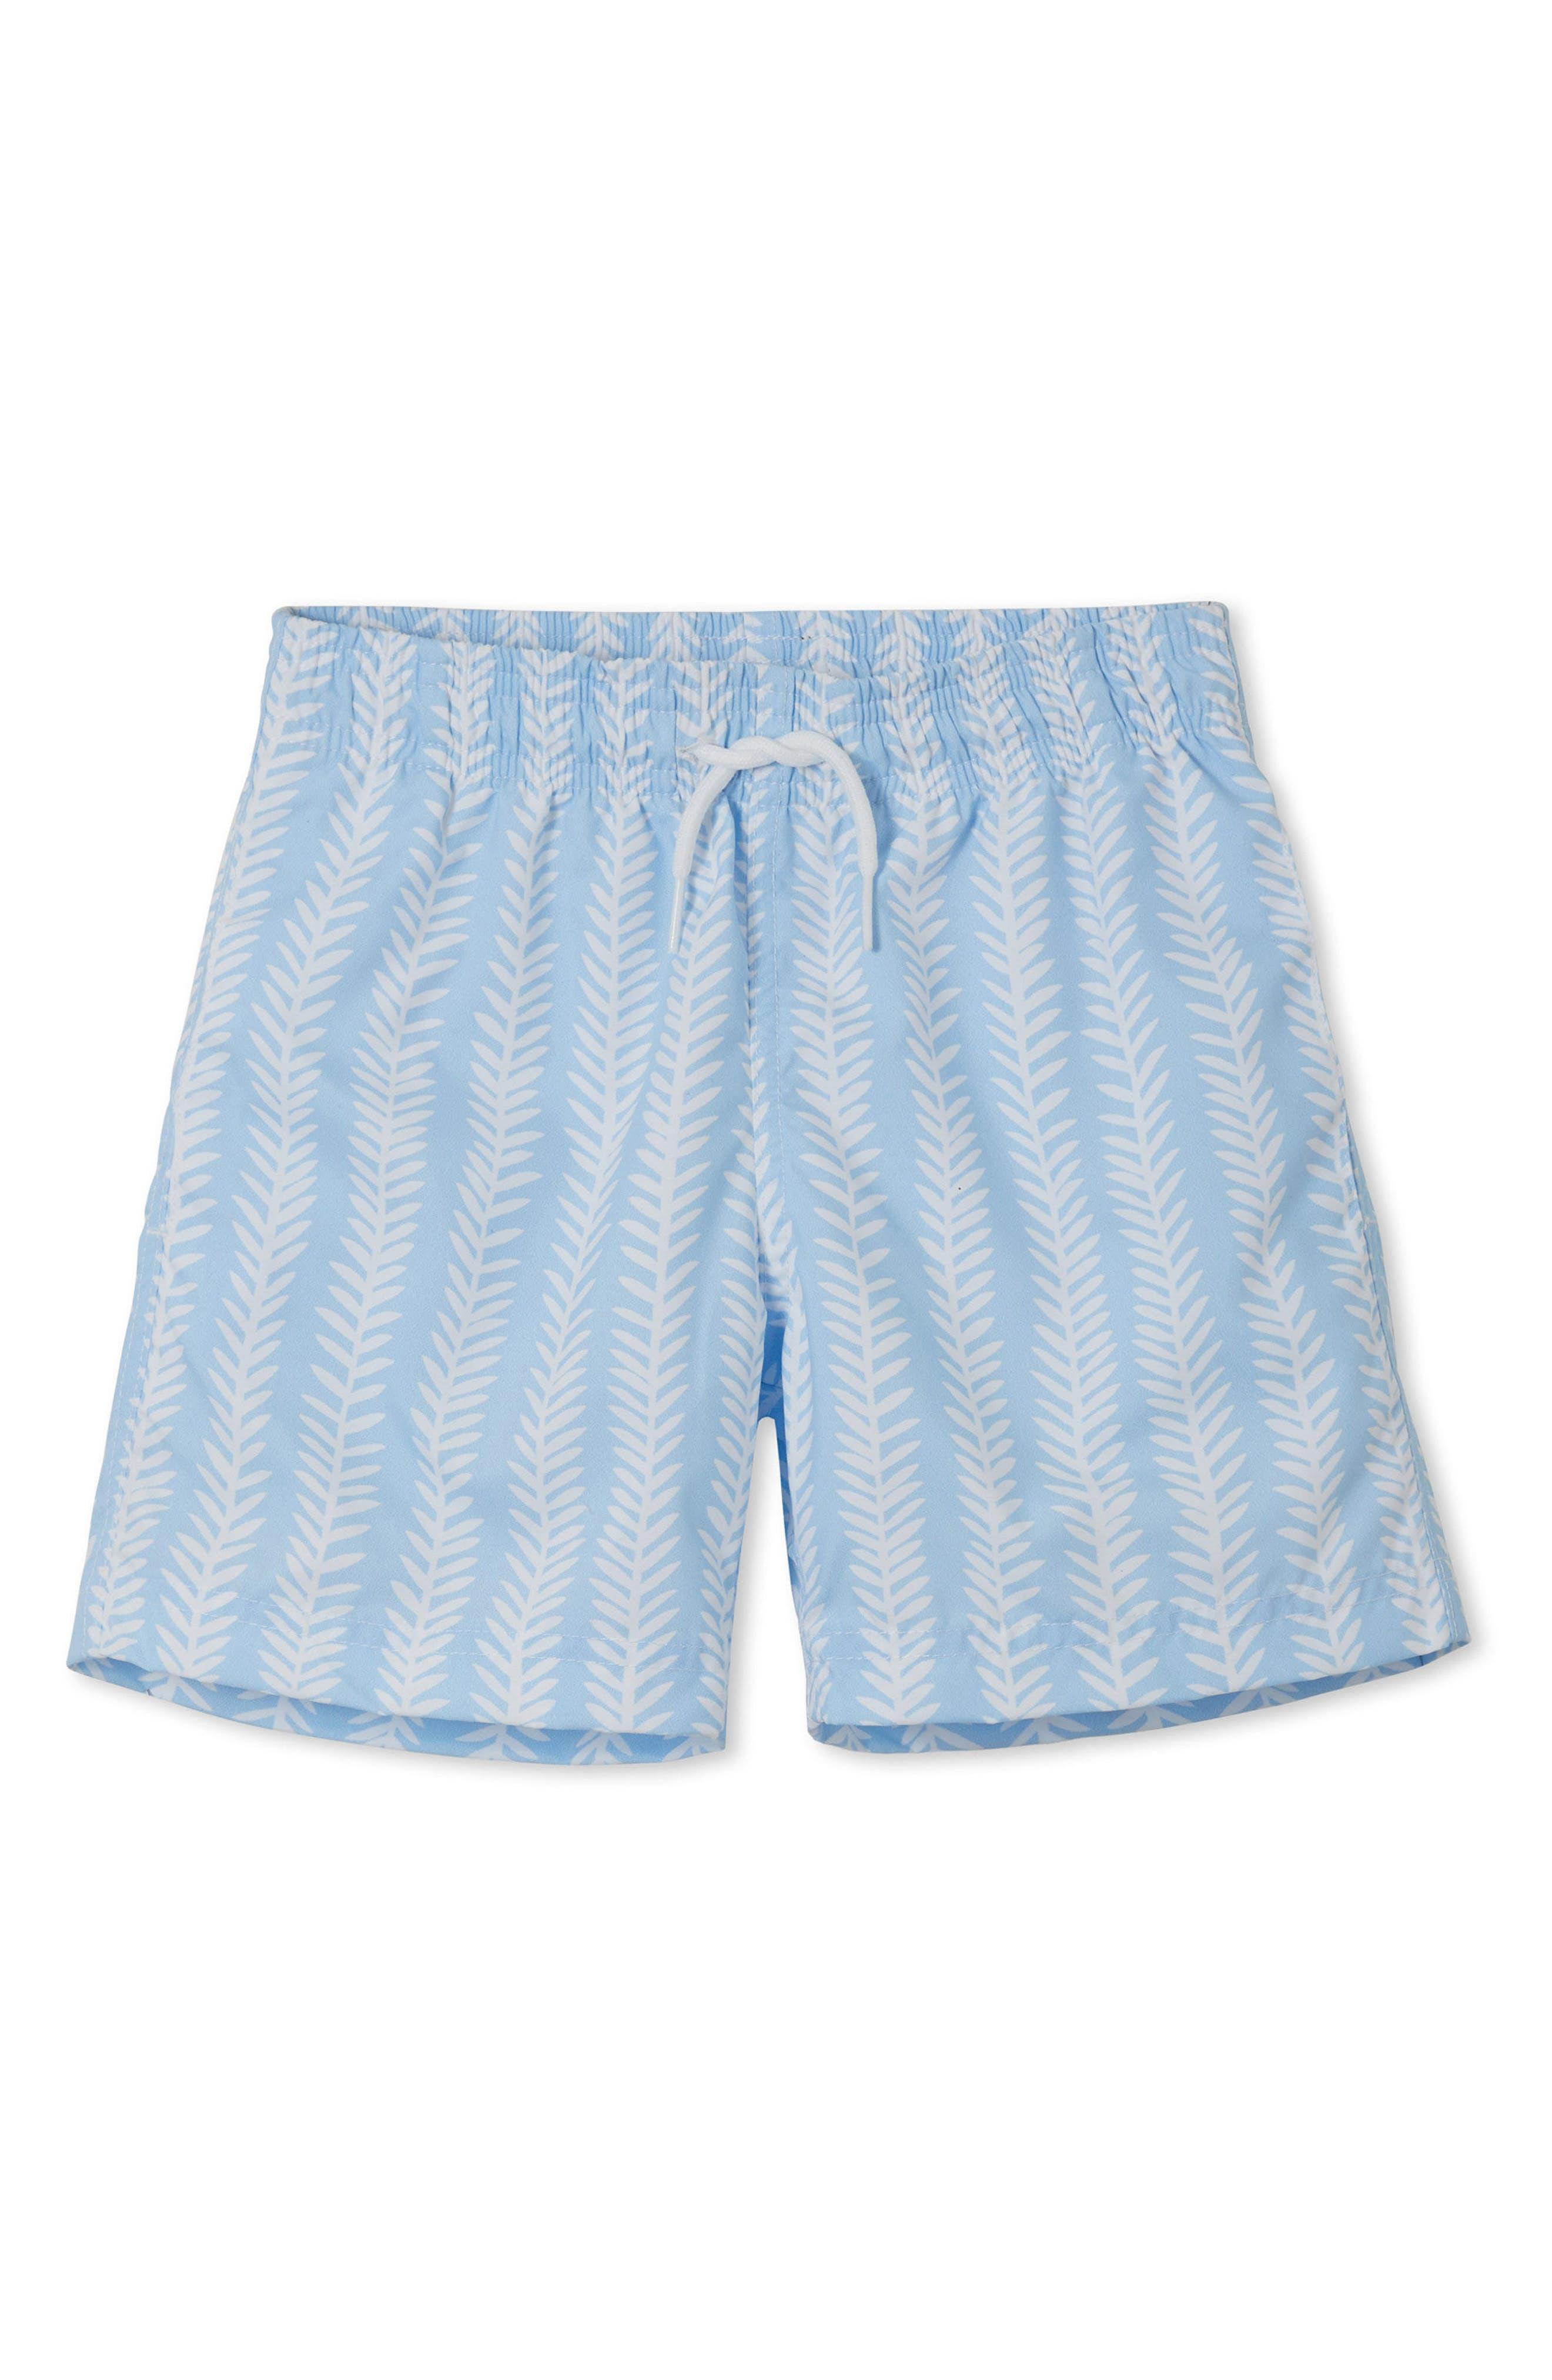 Coral Laurel Swim Trunks,                         Main,                         color, Blue